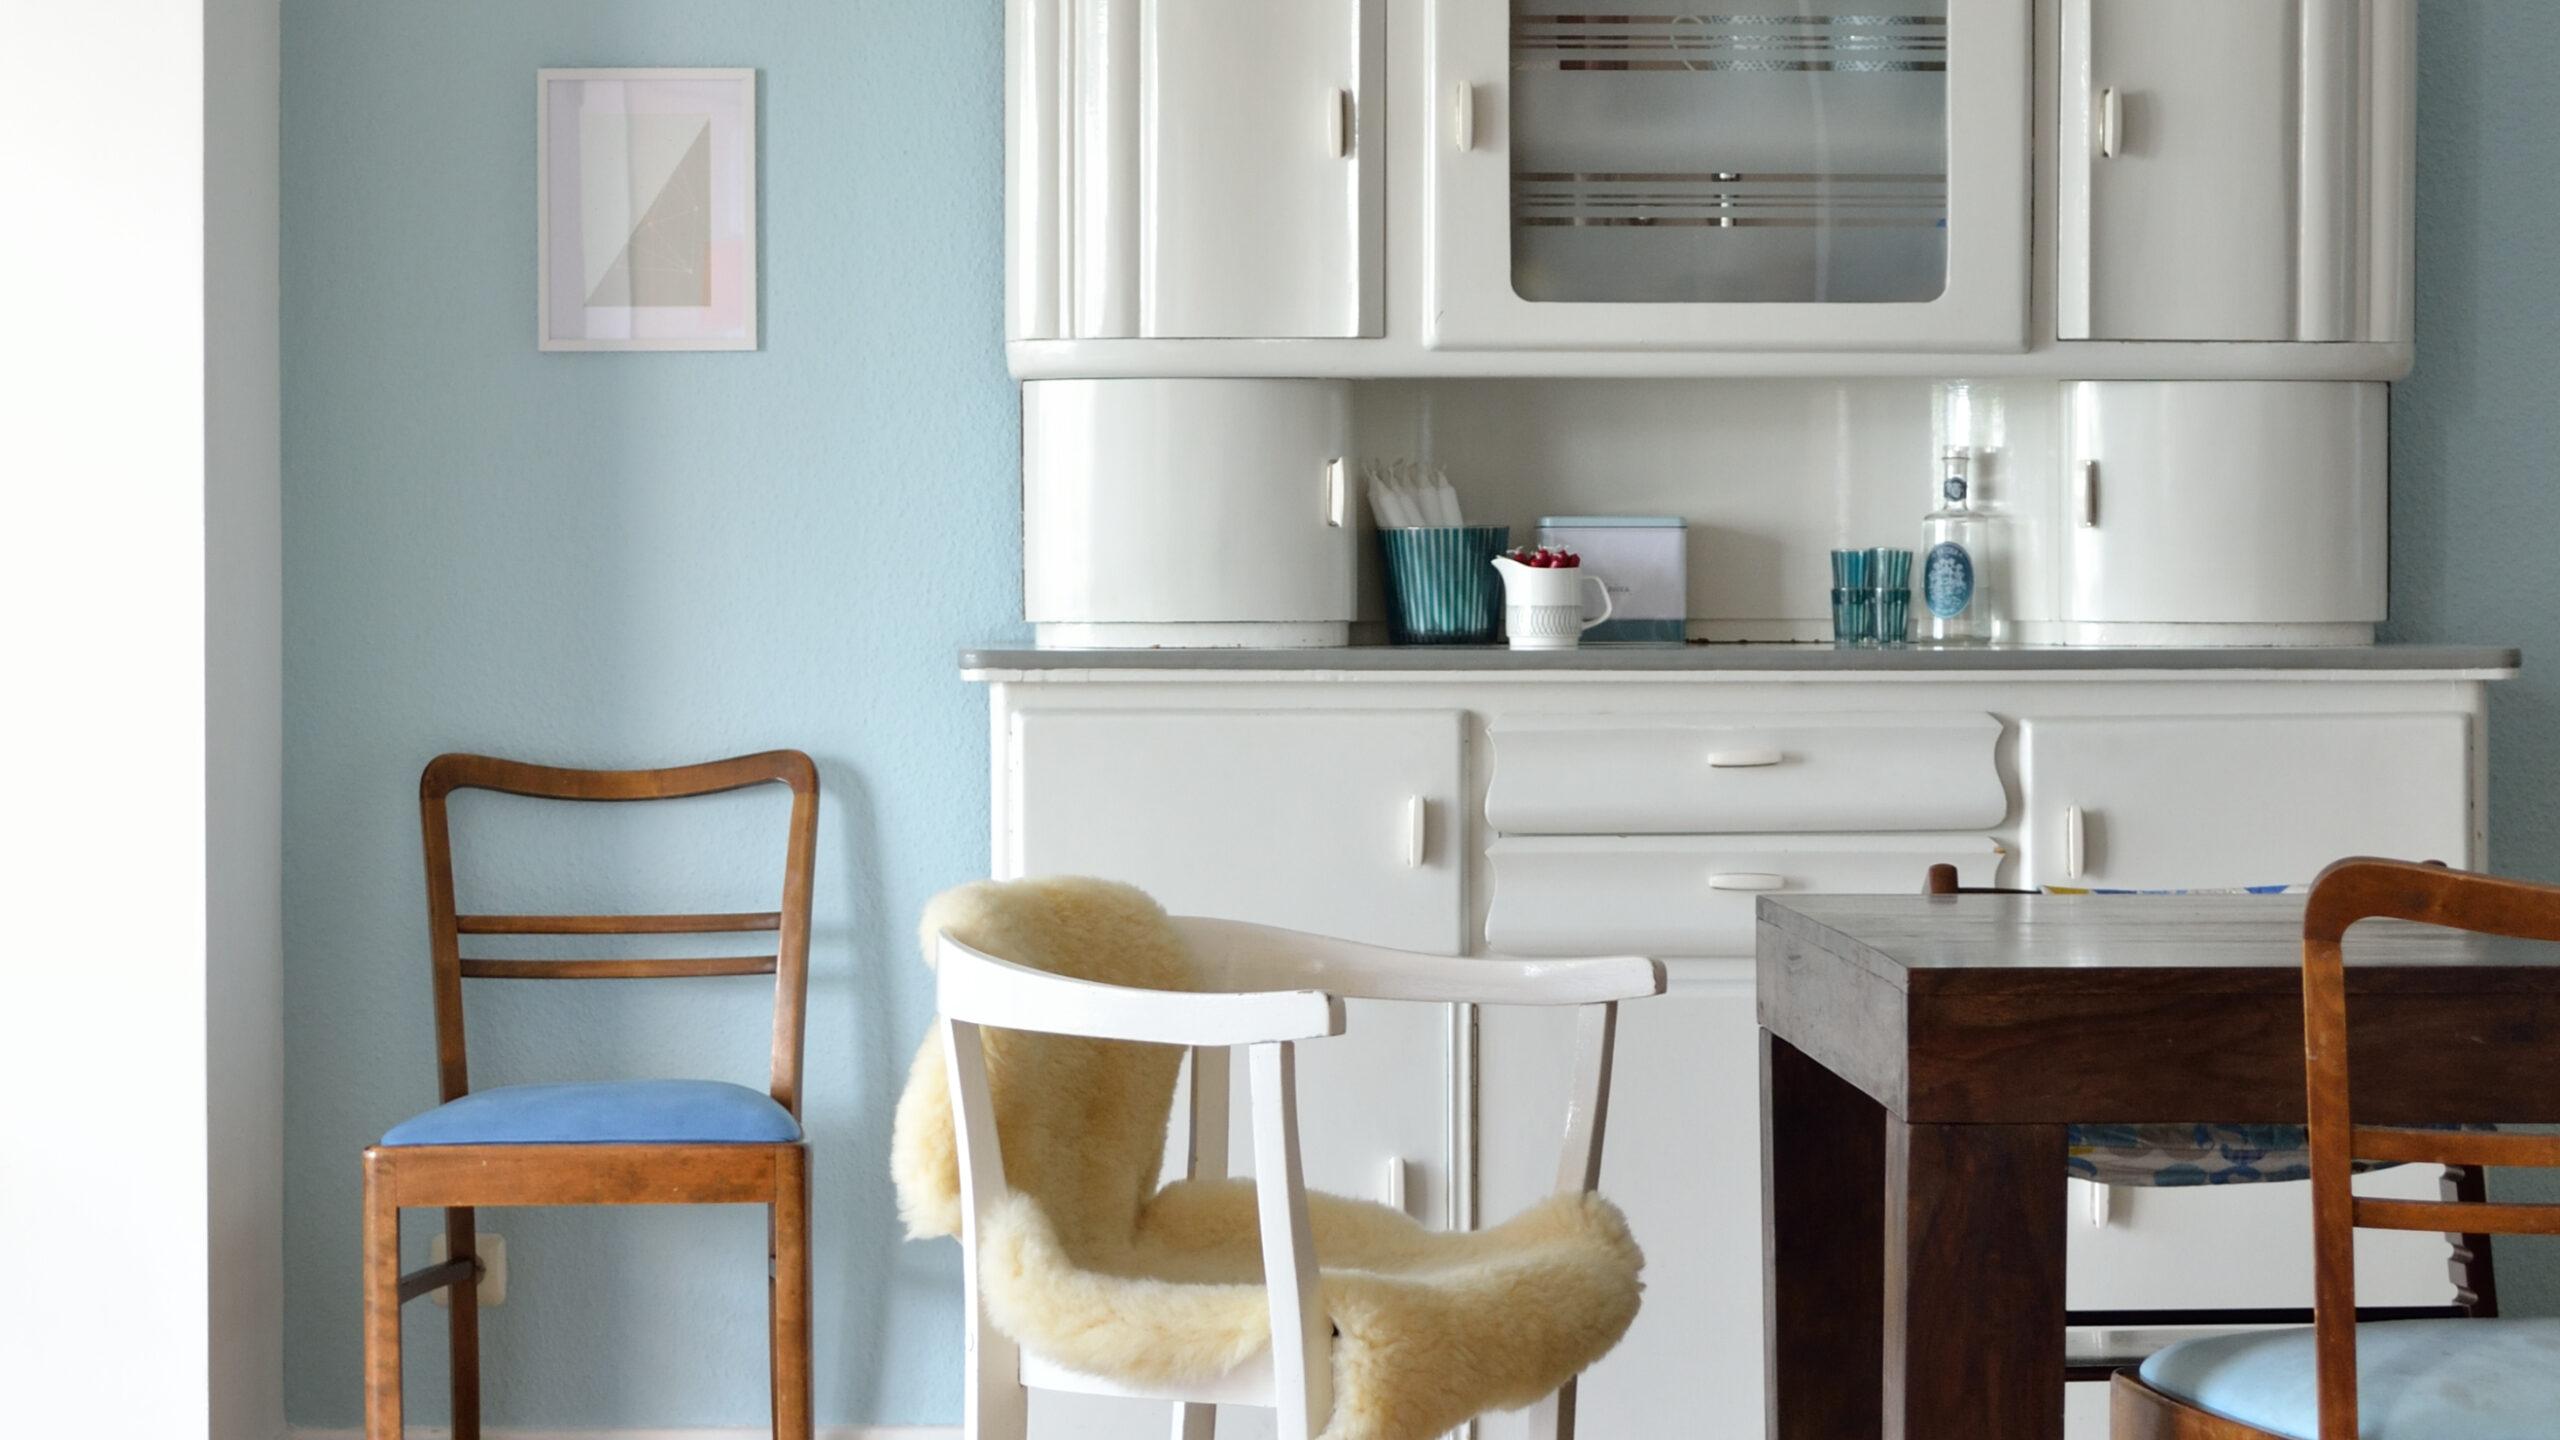 Full Size of Schne Ideen Fr Wandfarbe In Der Kche Weisse Landhausküche Grau Gebraucht Weiß Moderne Wohnzimmer Landhausküche Wandfarbe